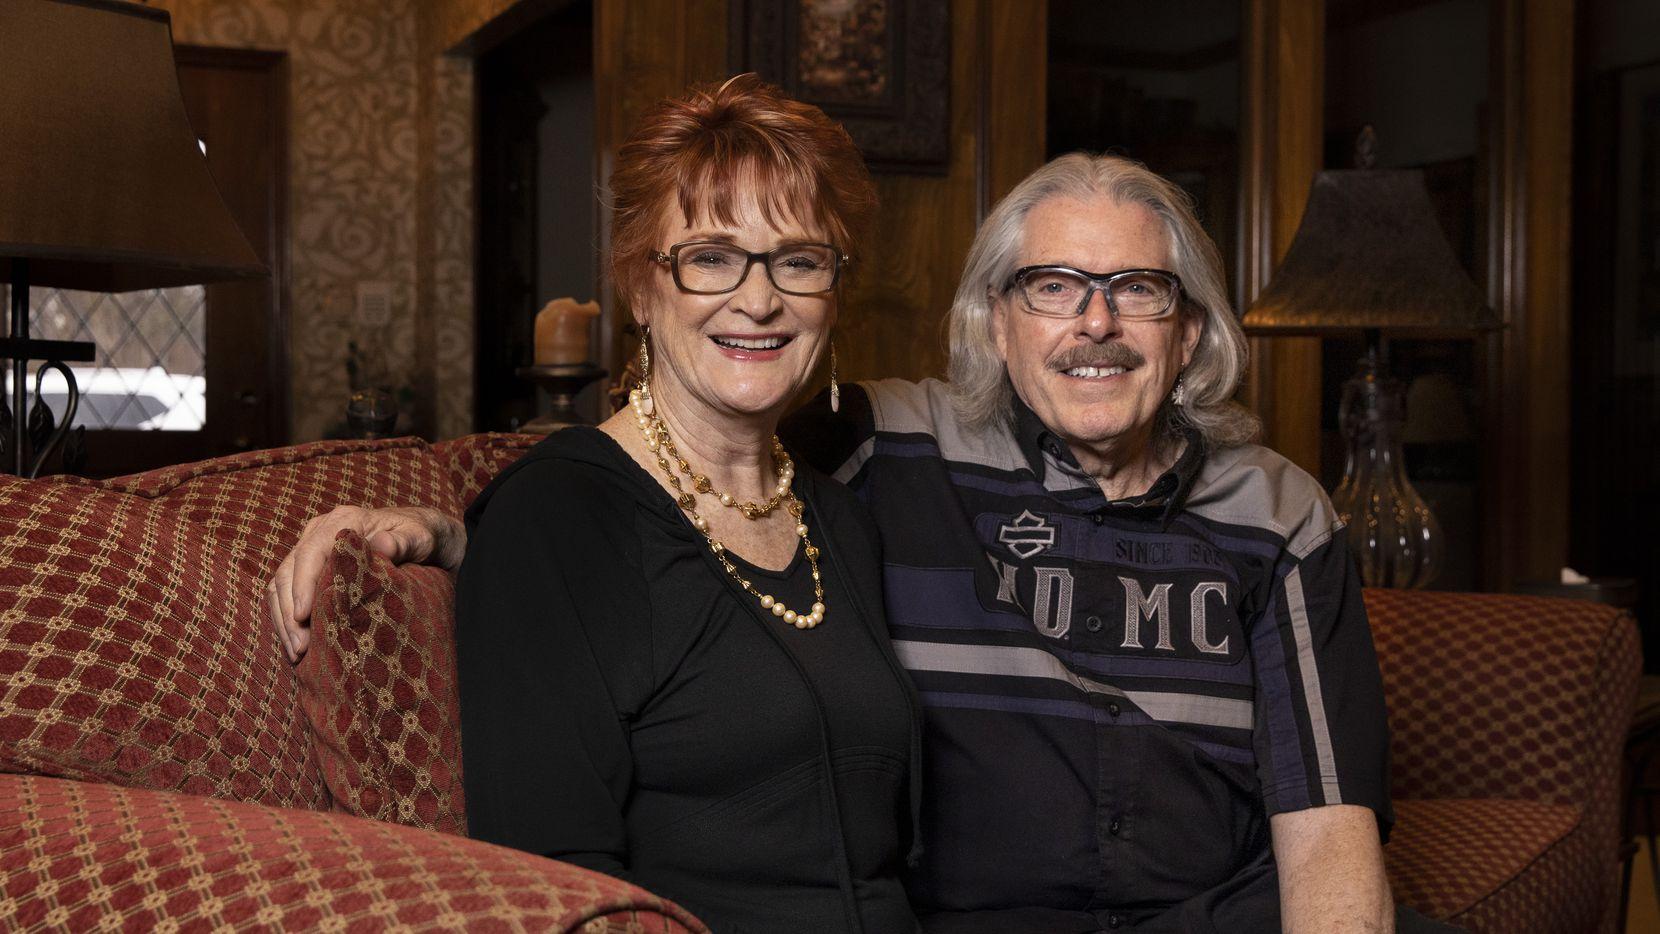 Anne y Jon Goodman desde su hogar en Fairview Texas. La pareja está retomando su cotidianidad previo a la pandemia una vez que han sido vacunados.